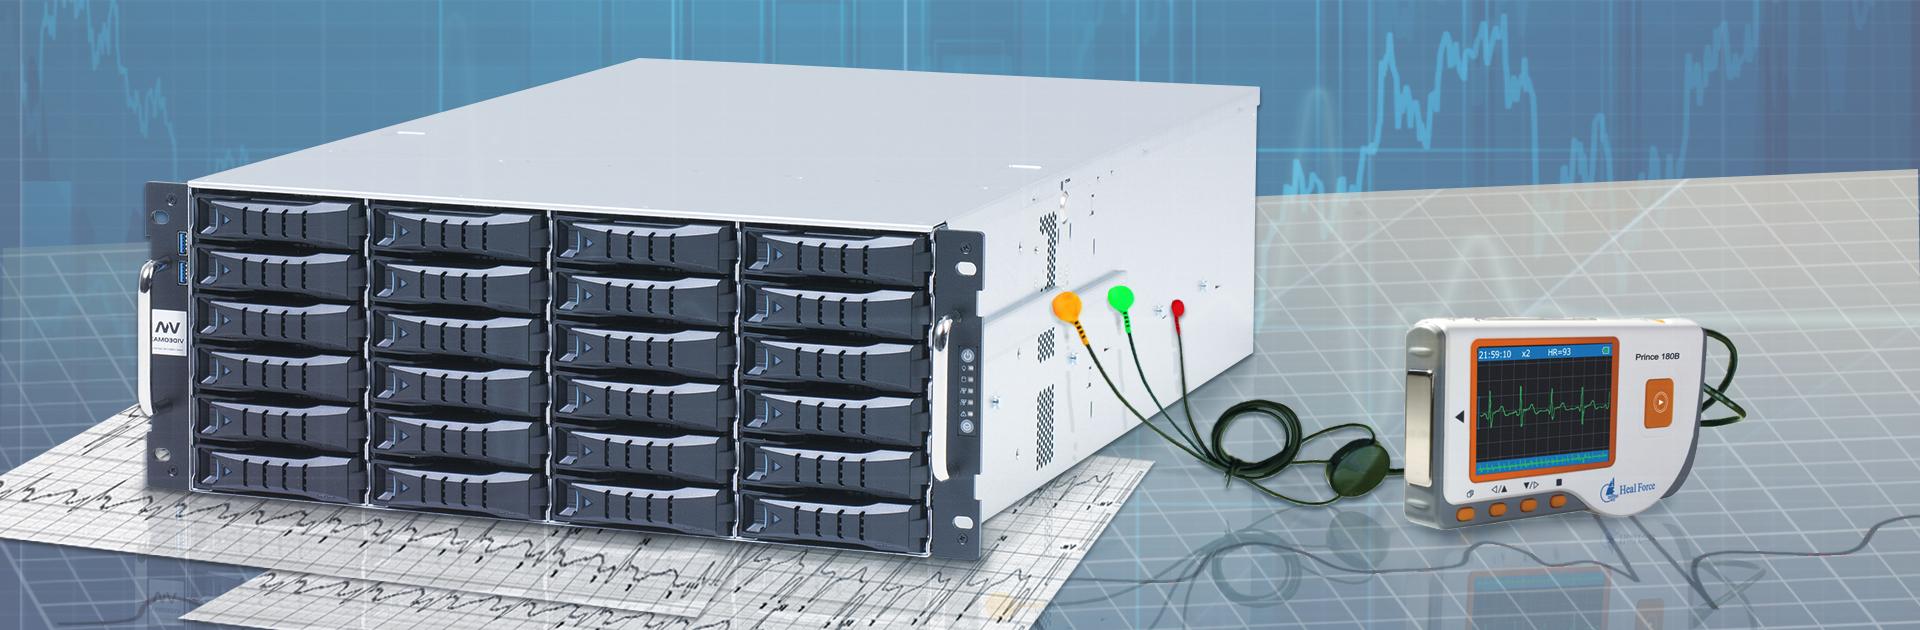 Иллюстрация для сайта, предлагающего услуги диагностики серверов